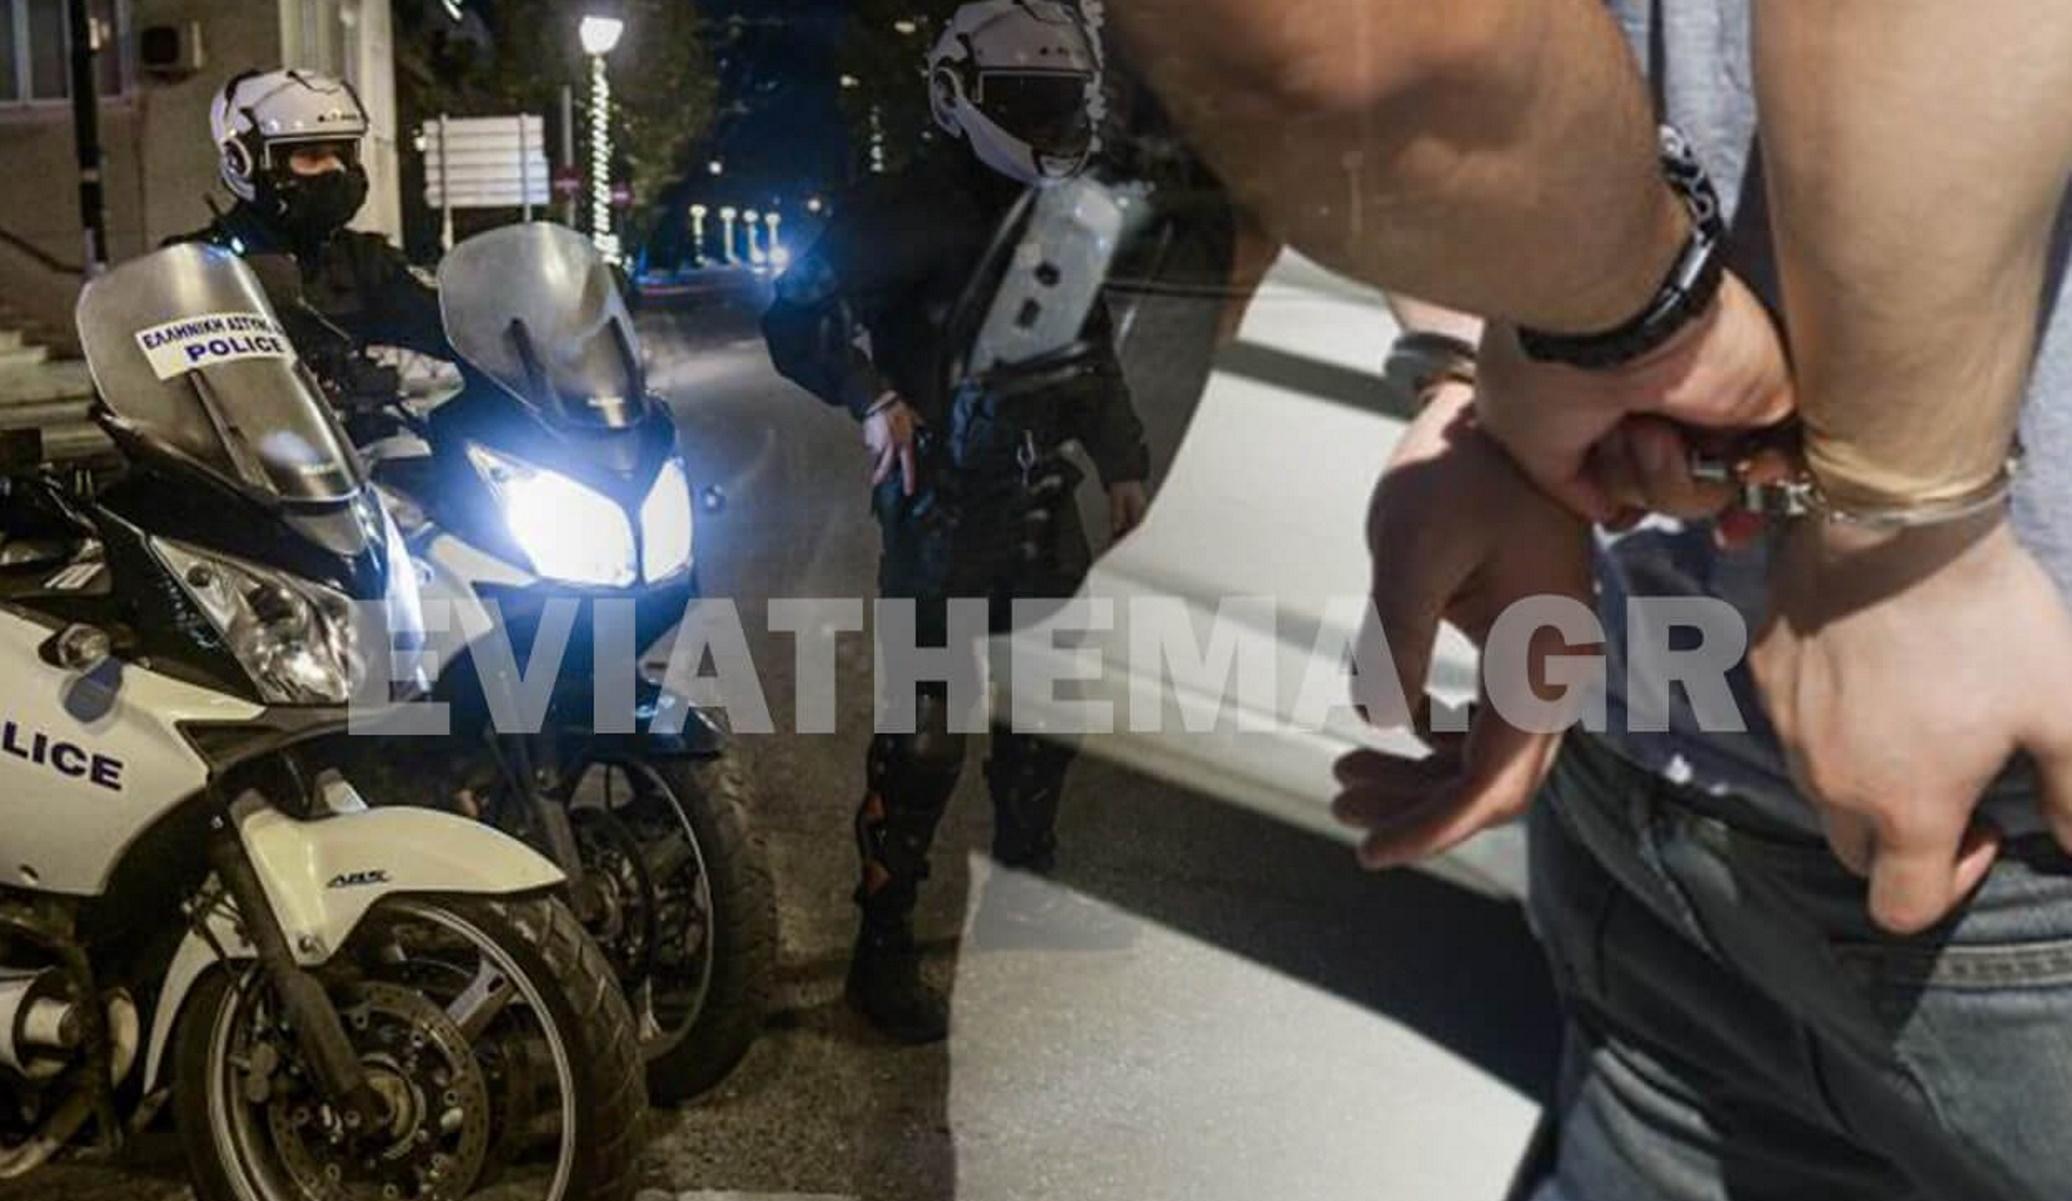 Εύβοια: «Λαβράκι» της ομάδας ΔΙΑΣ – Ανήλικοι κυκλοφορούσαν με ναρκωτικά και όπλα